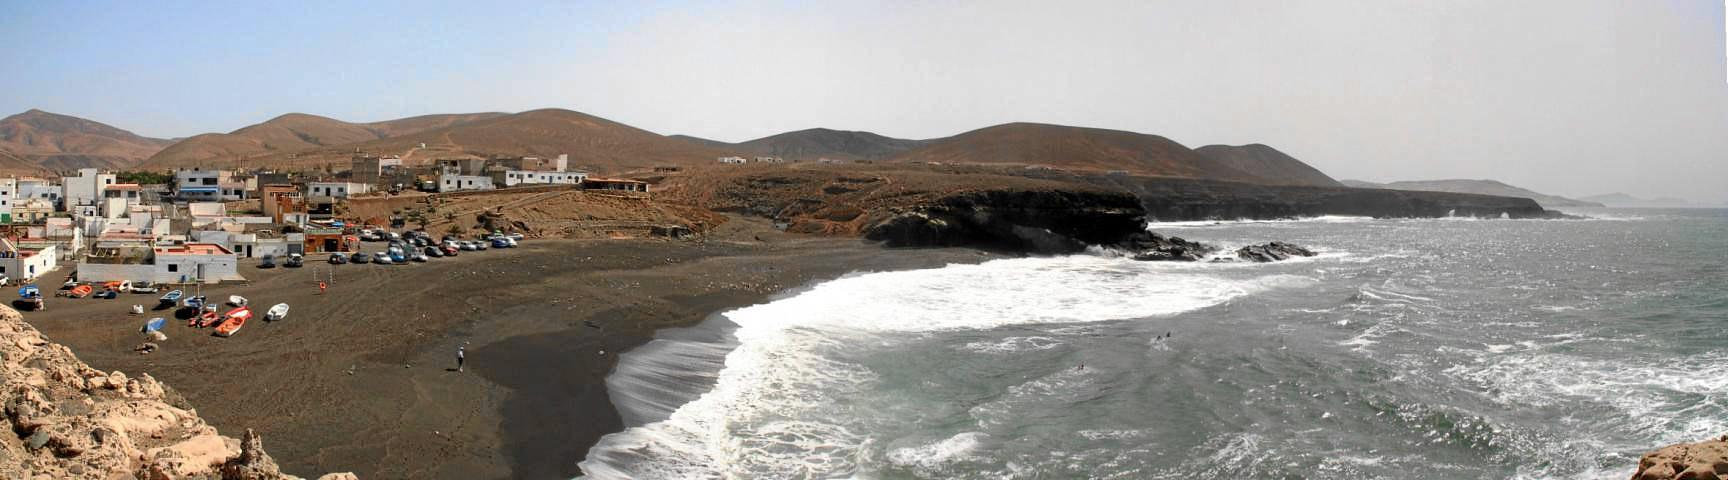 Die Bucht von Ajuy